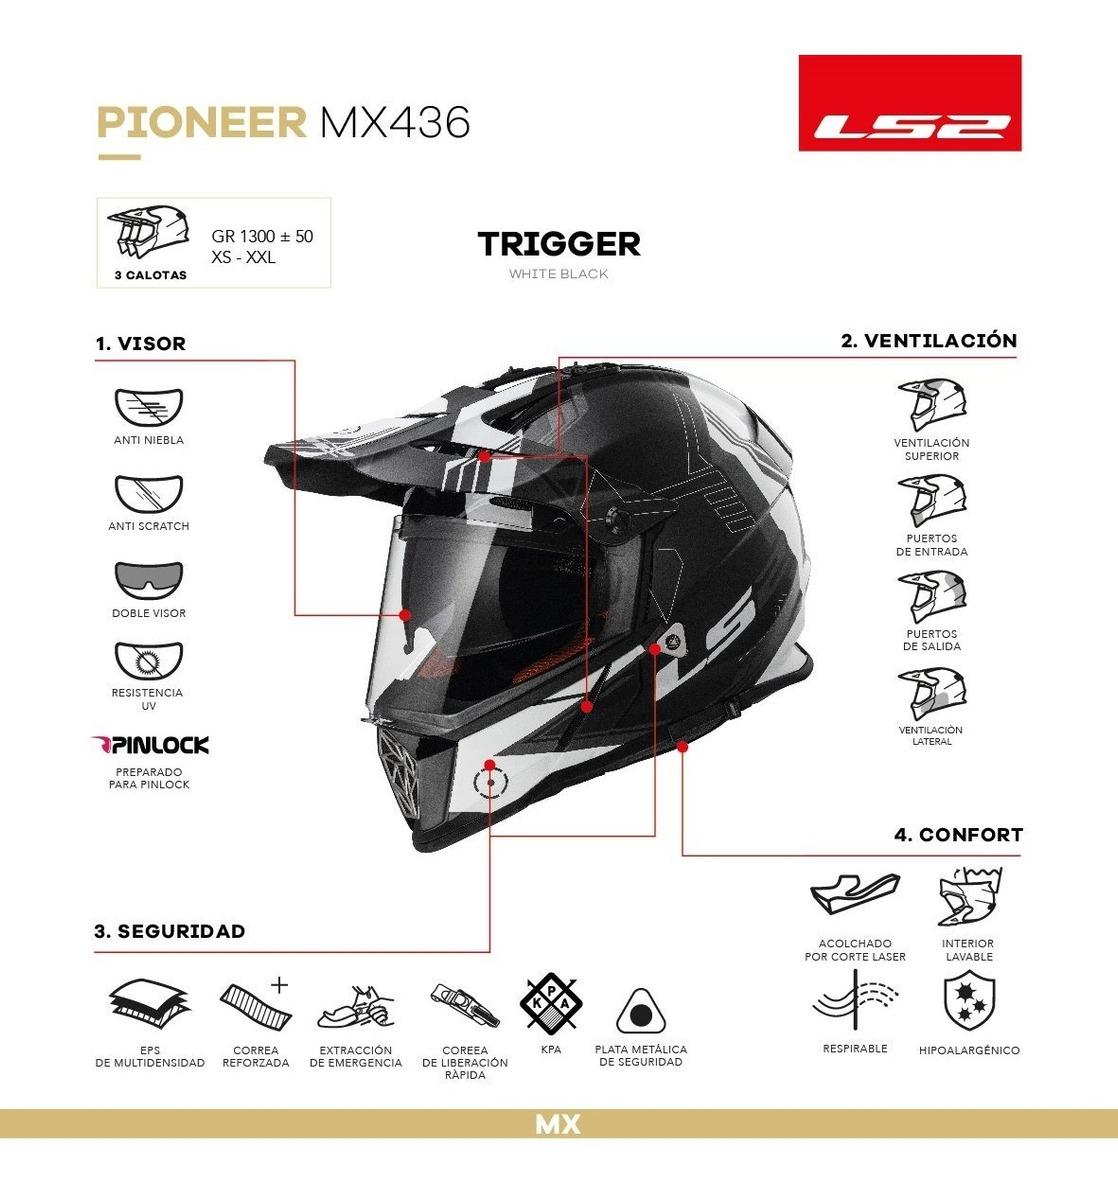 titanio blanco negro LS2/Casco de Moto Mx436/Pioneer Element M